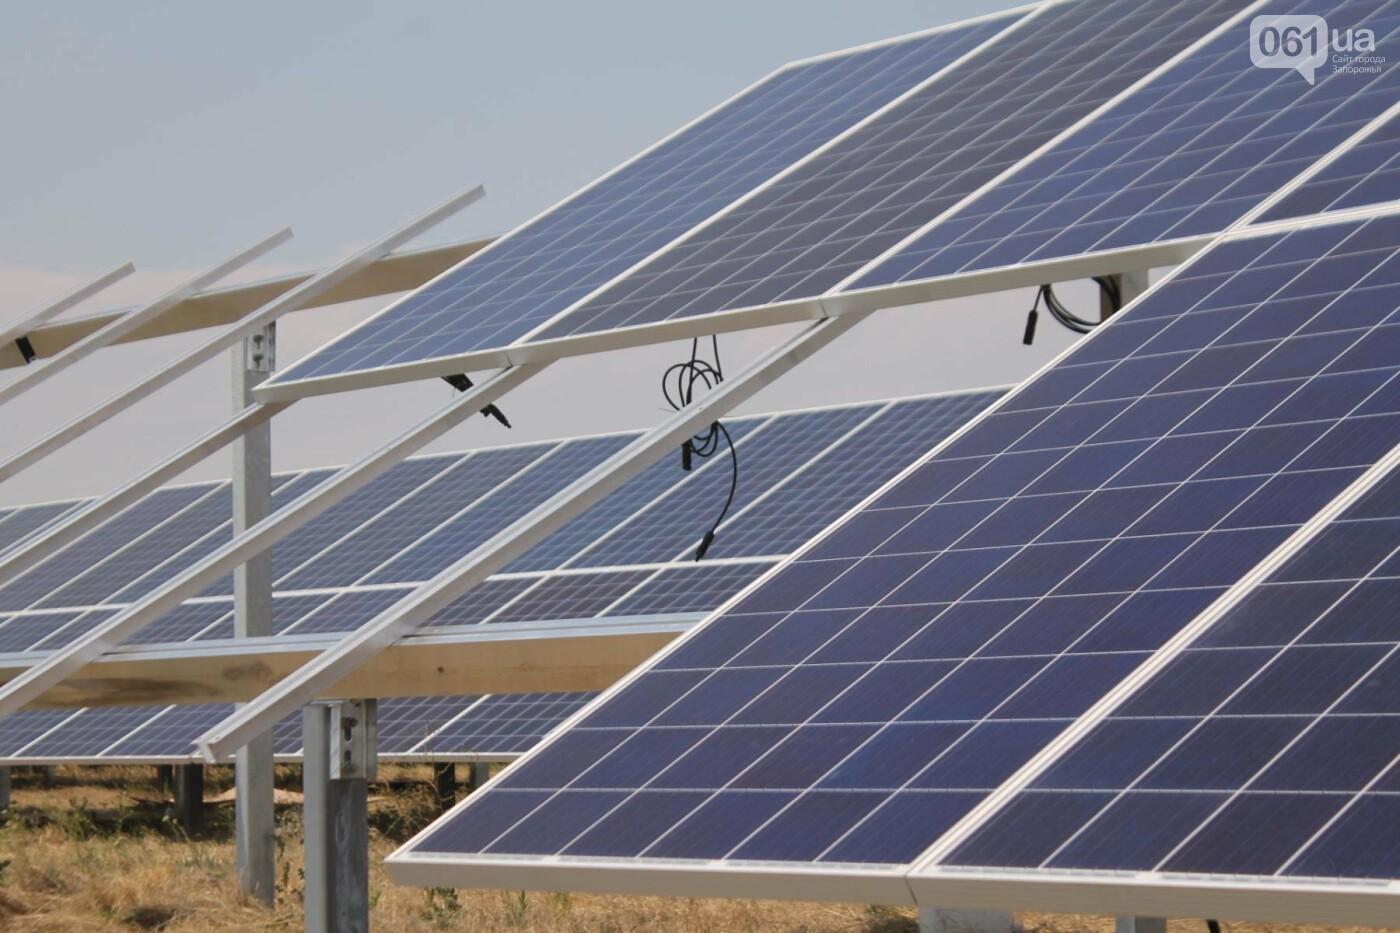 Как в Запорожской области работает крупнейшая в Украине солнечная станция: экскурсия на производство, — ФОТОРЕПОРТАЖ, фото-60